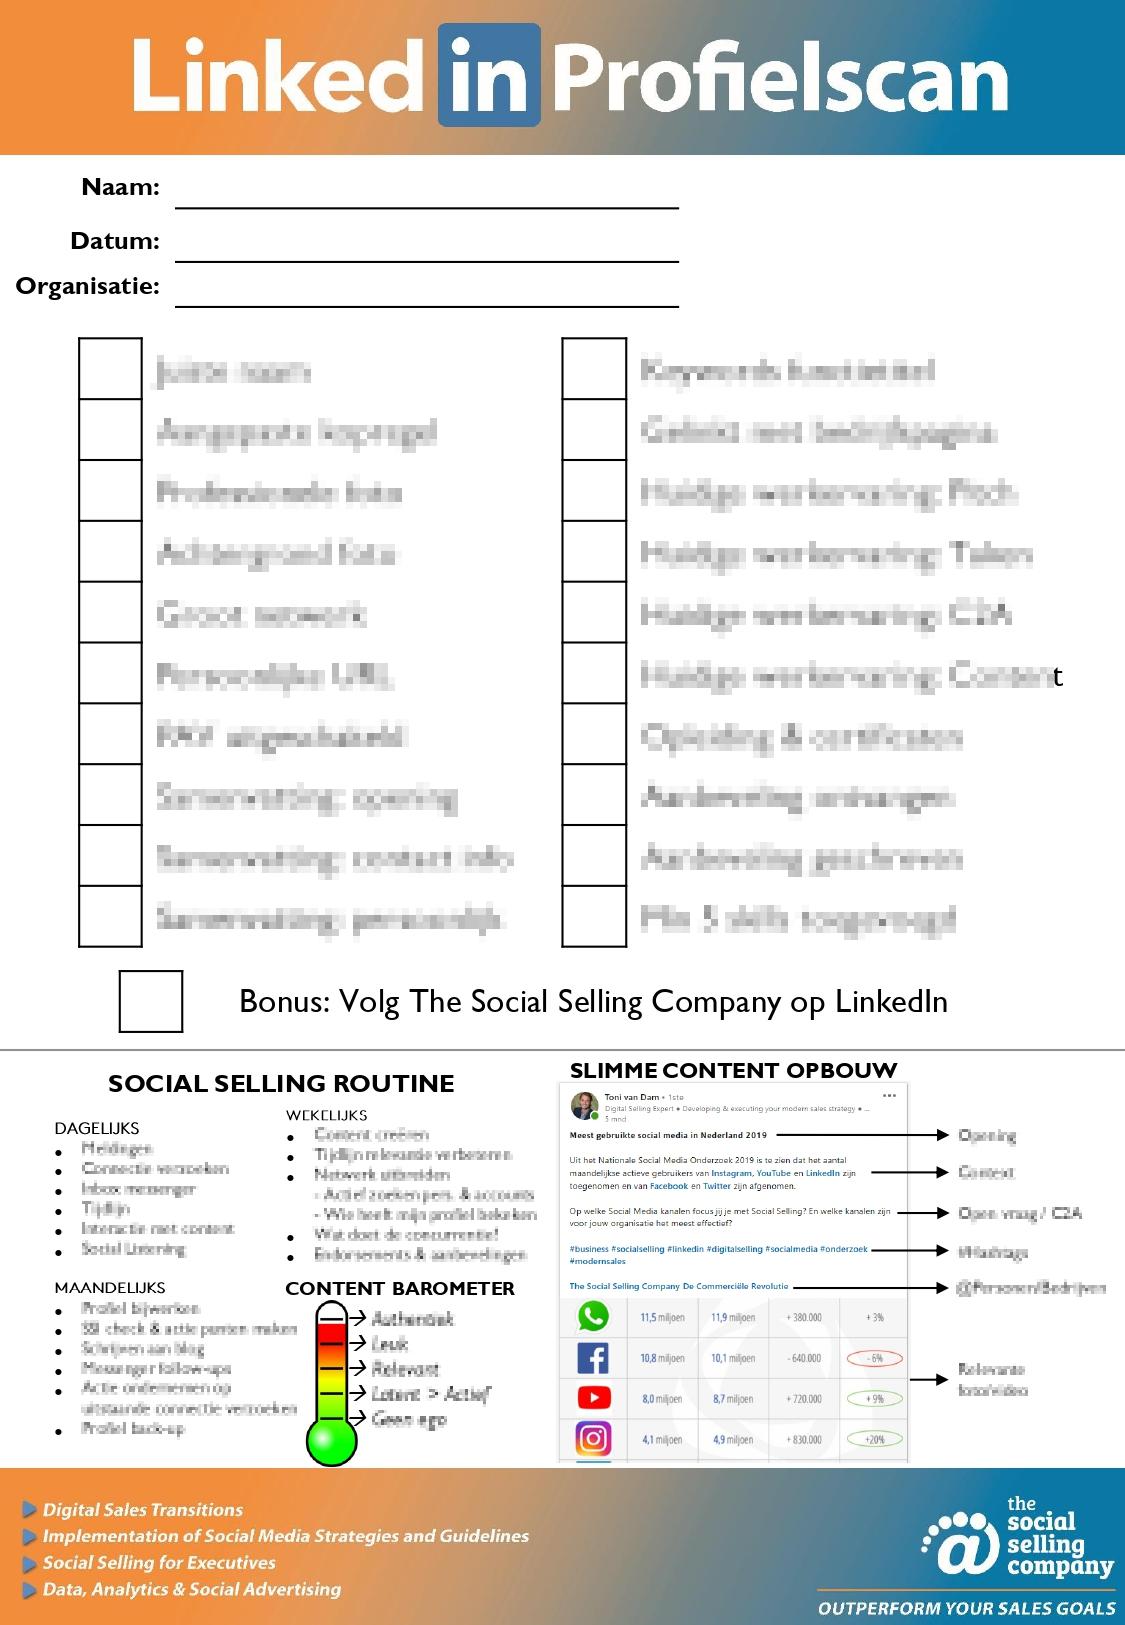 Profielscan